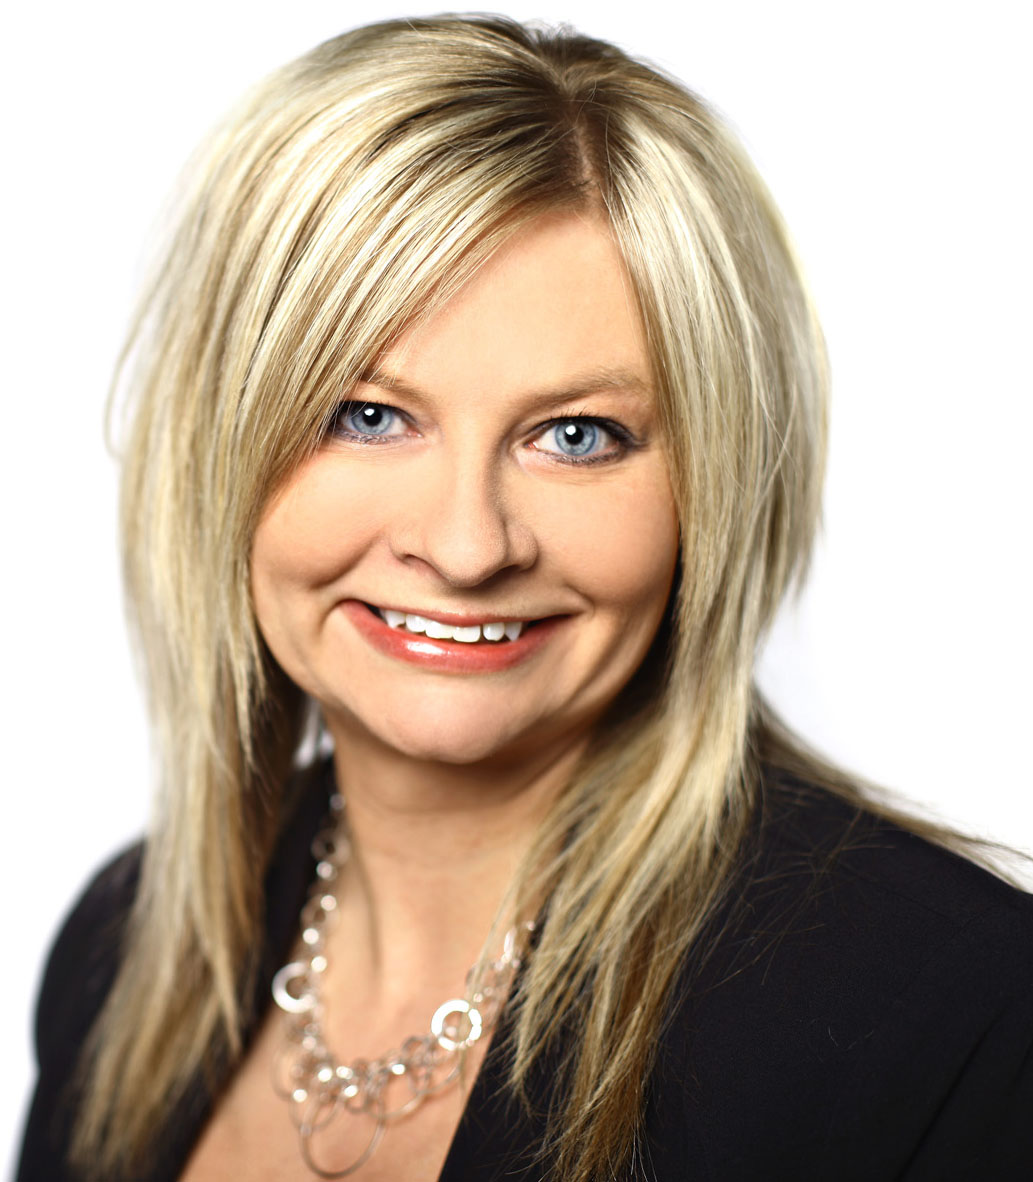 Angela Simonson